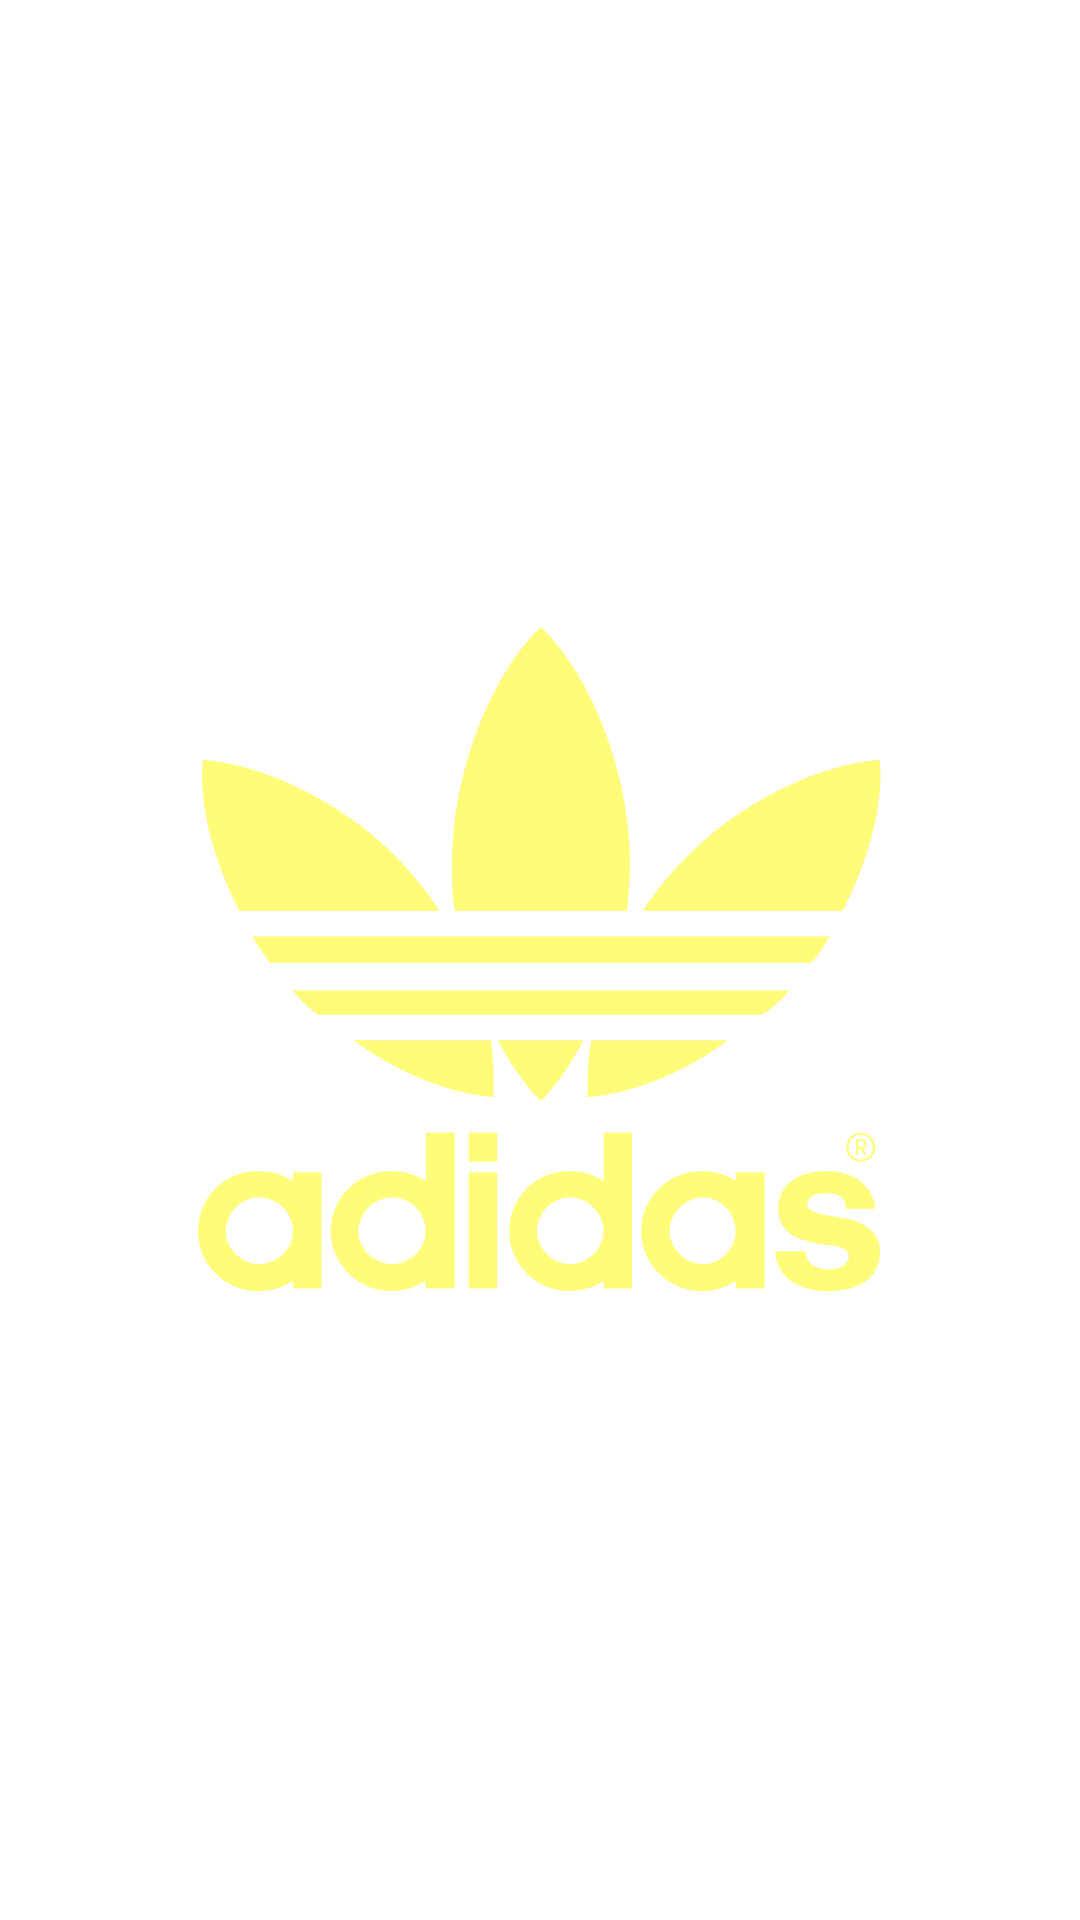 adidas09